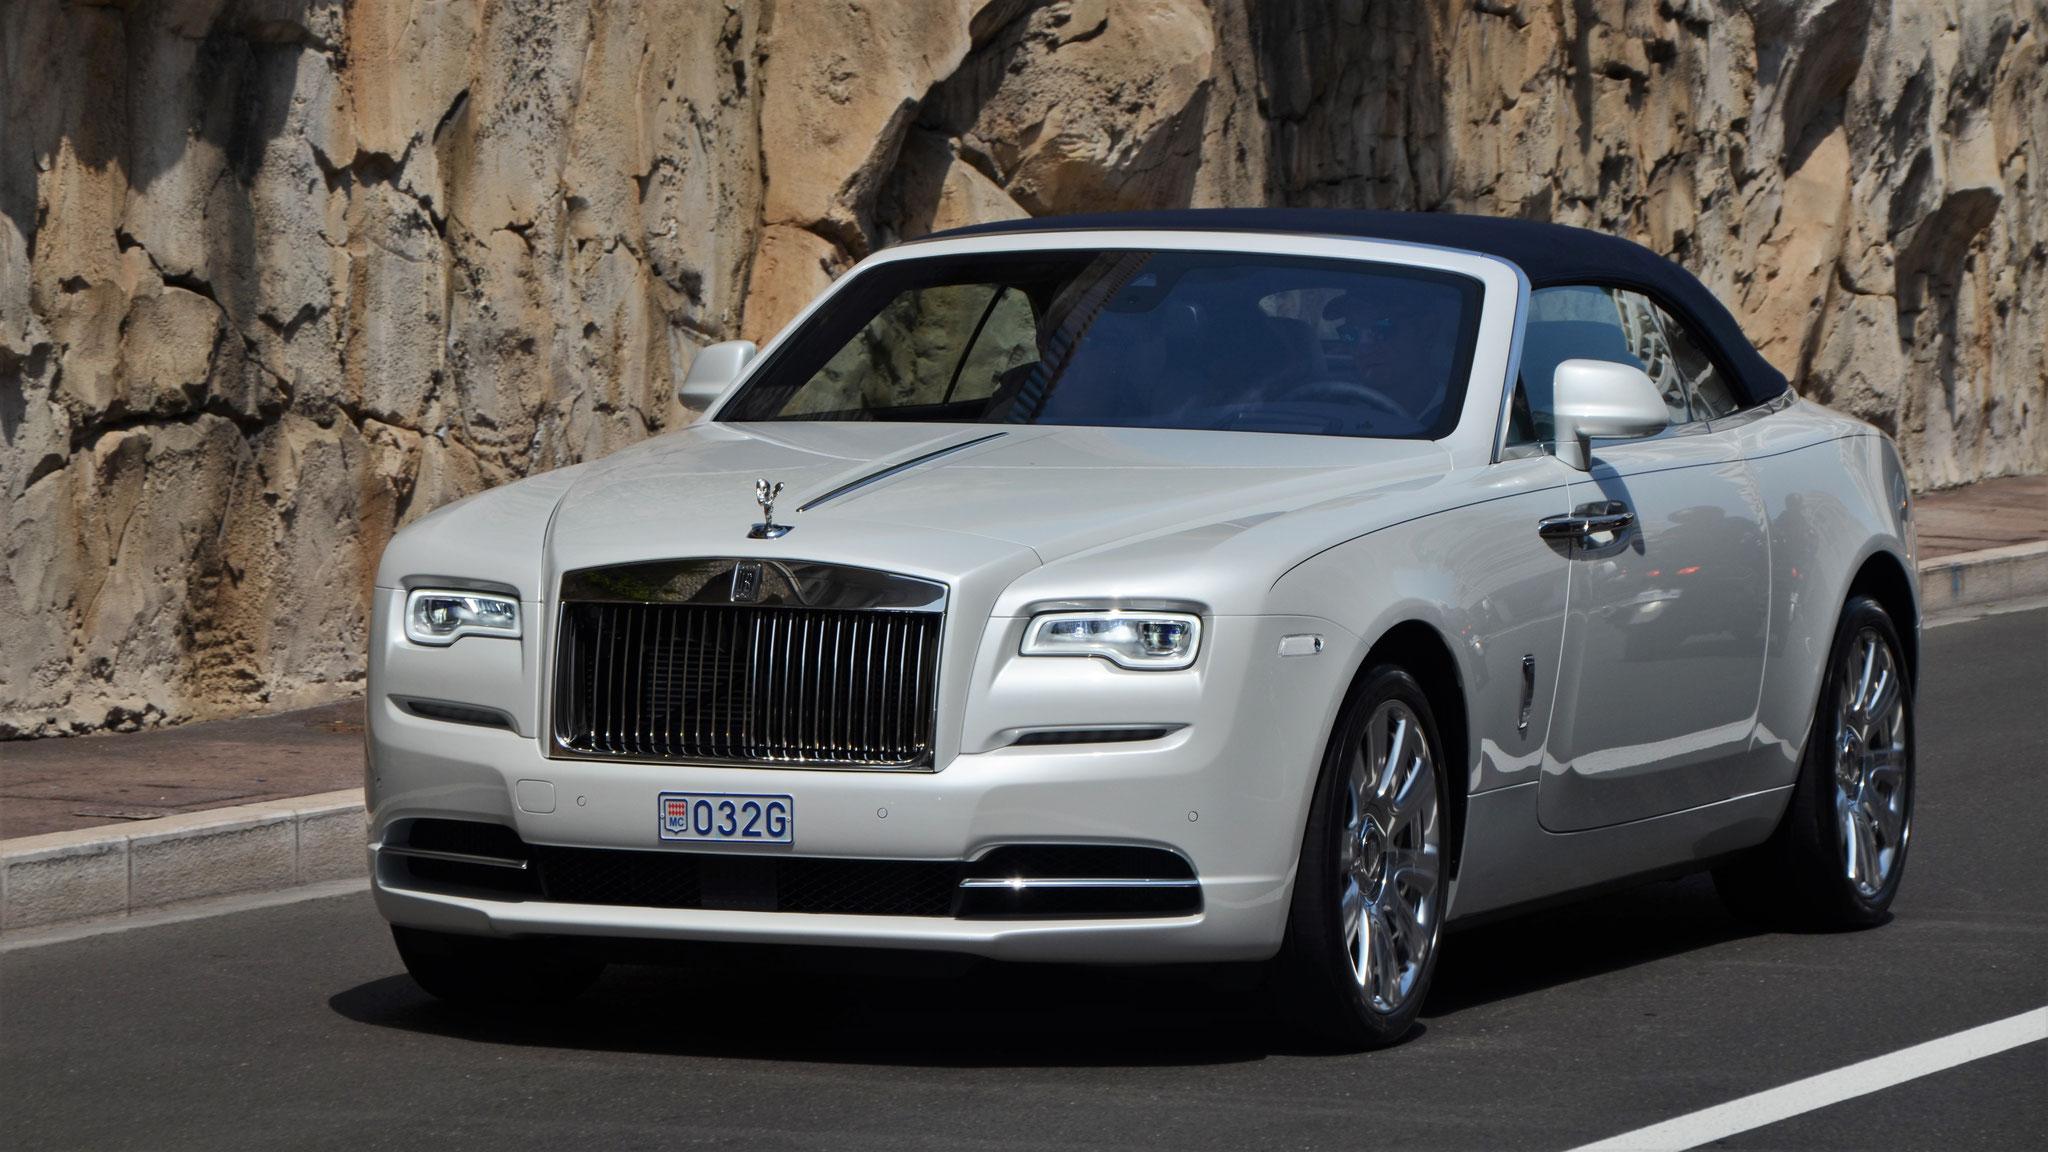 Rolls Royce Dawn - 032G (MC)